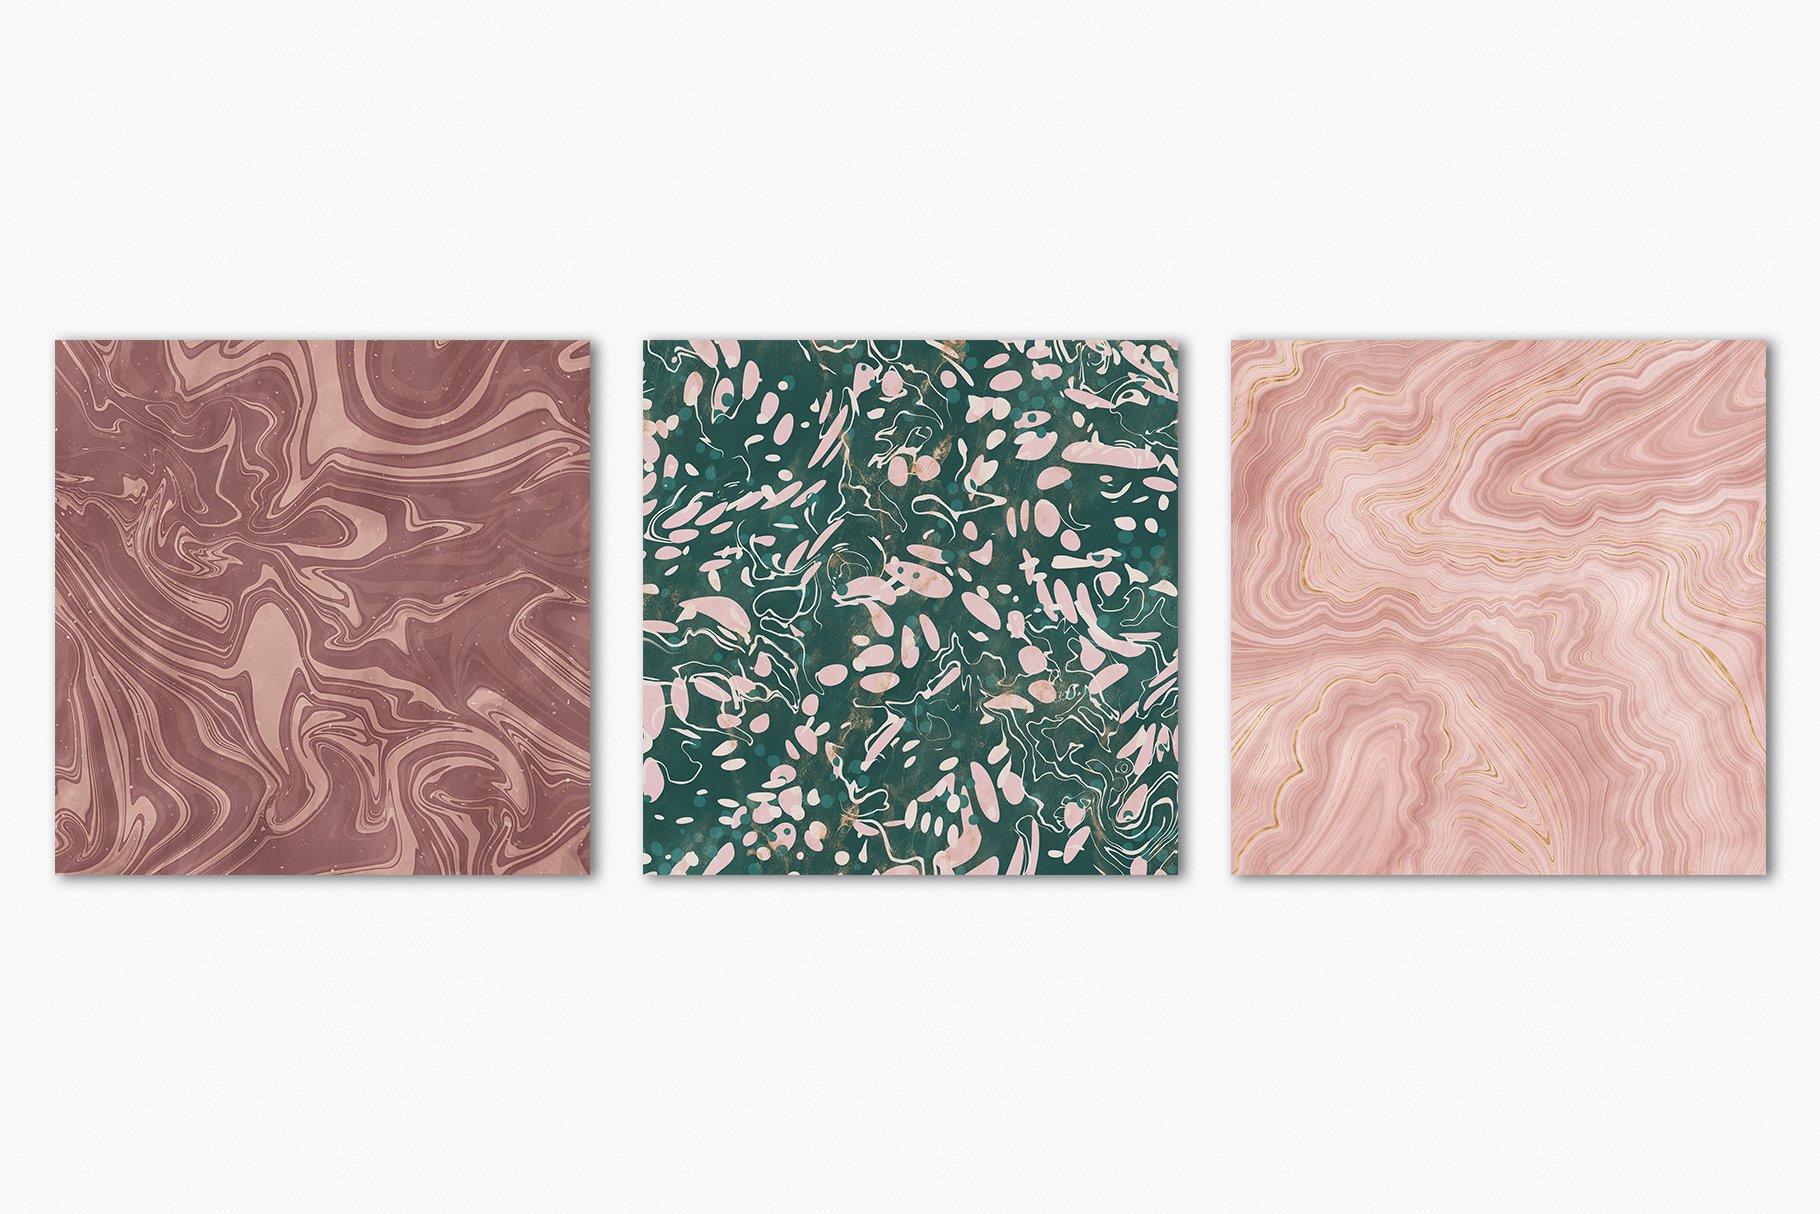 [淘宝购买] 15款抽象复古高清大理石金色箔纸纹理背景图片设计素材合集 Marbled Paper Texture Collection插图20